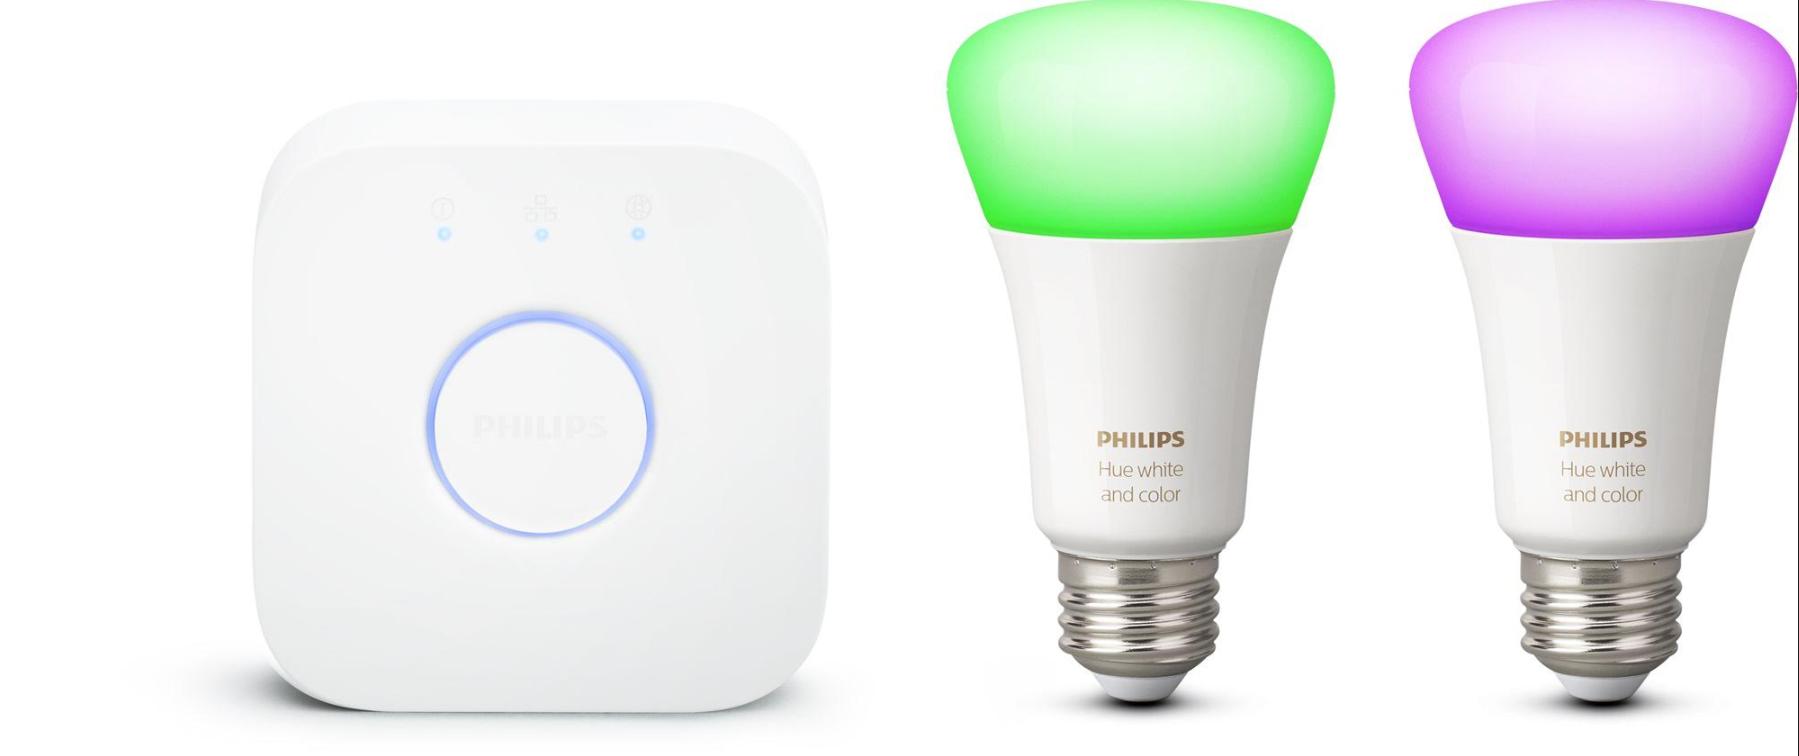 Chytré žárovky Philips Hue je možné ovládat prostřednictvím mobilního zařízení a nastavovat na něm například barevné tóny.